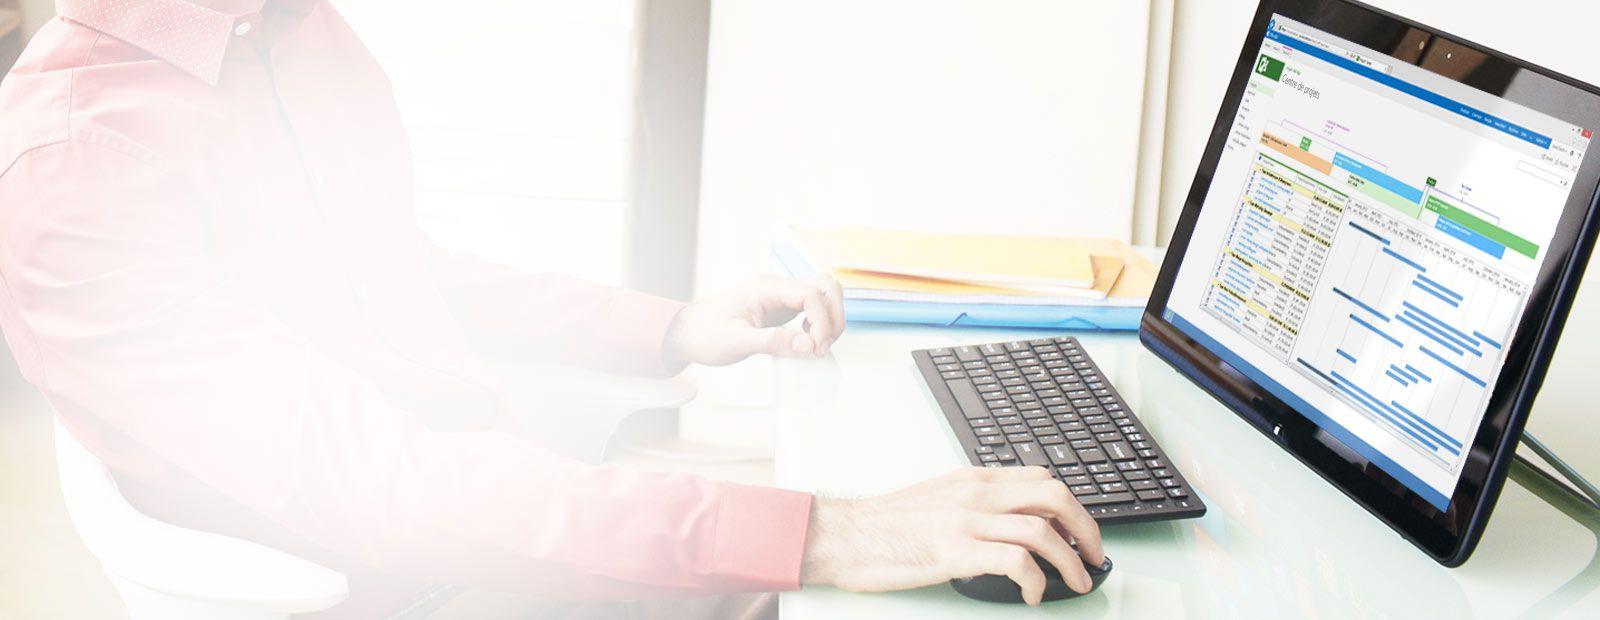 Project Online avec Project pour Office 365